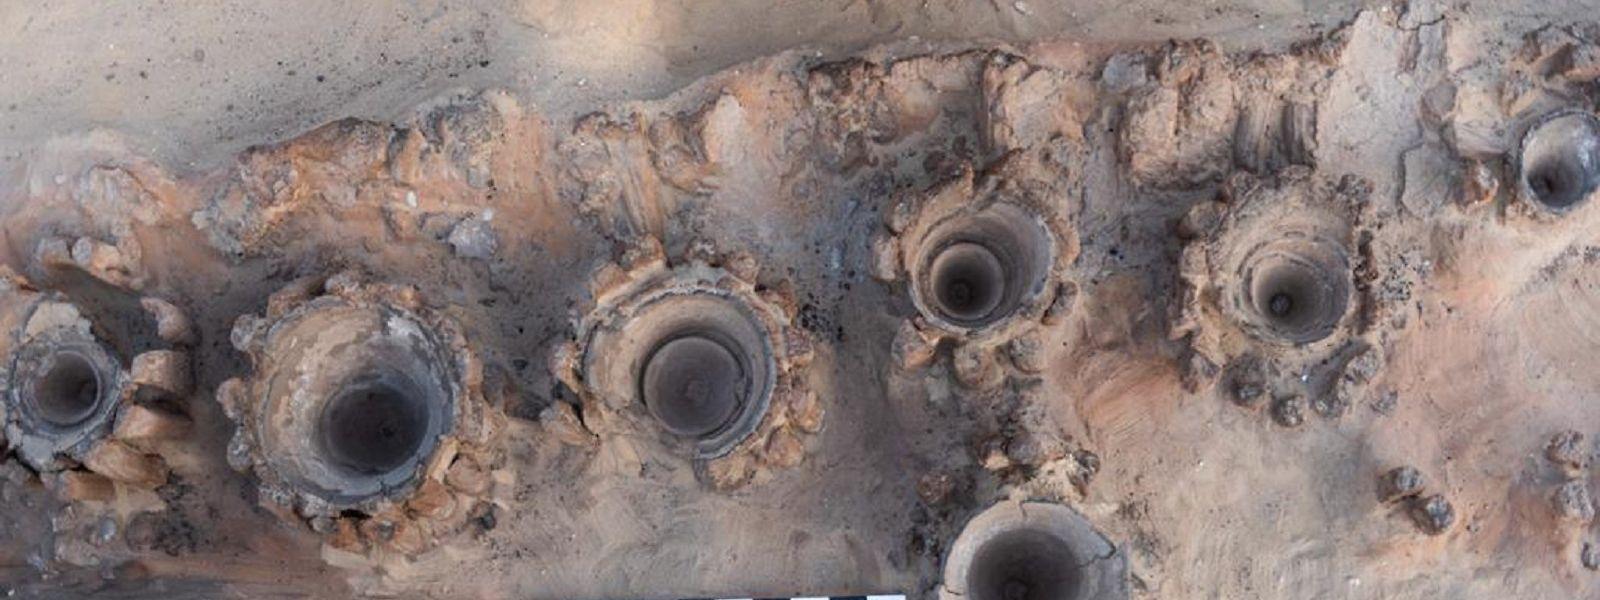 Überreste einer Brauerei, die in der antiken Stadt Abidus freigelegt wurden - den Forschern zufolge wohl die größte Bier-Produktionsstätte ihrer Zeit.